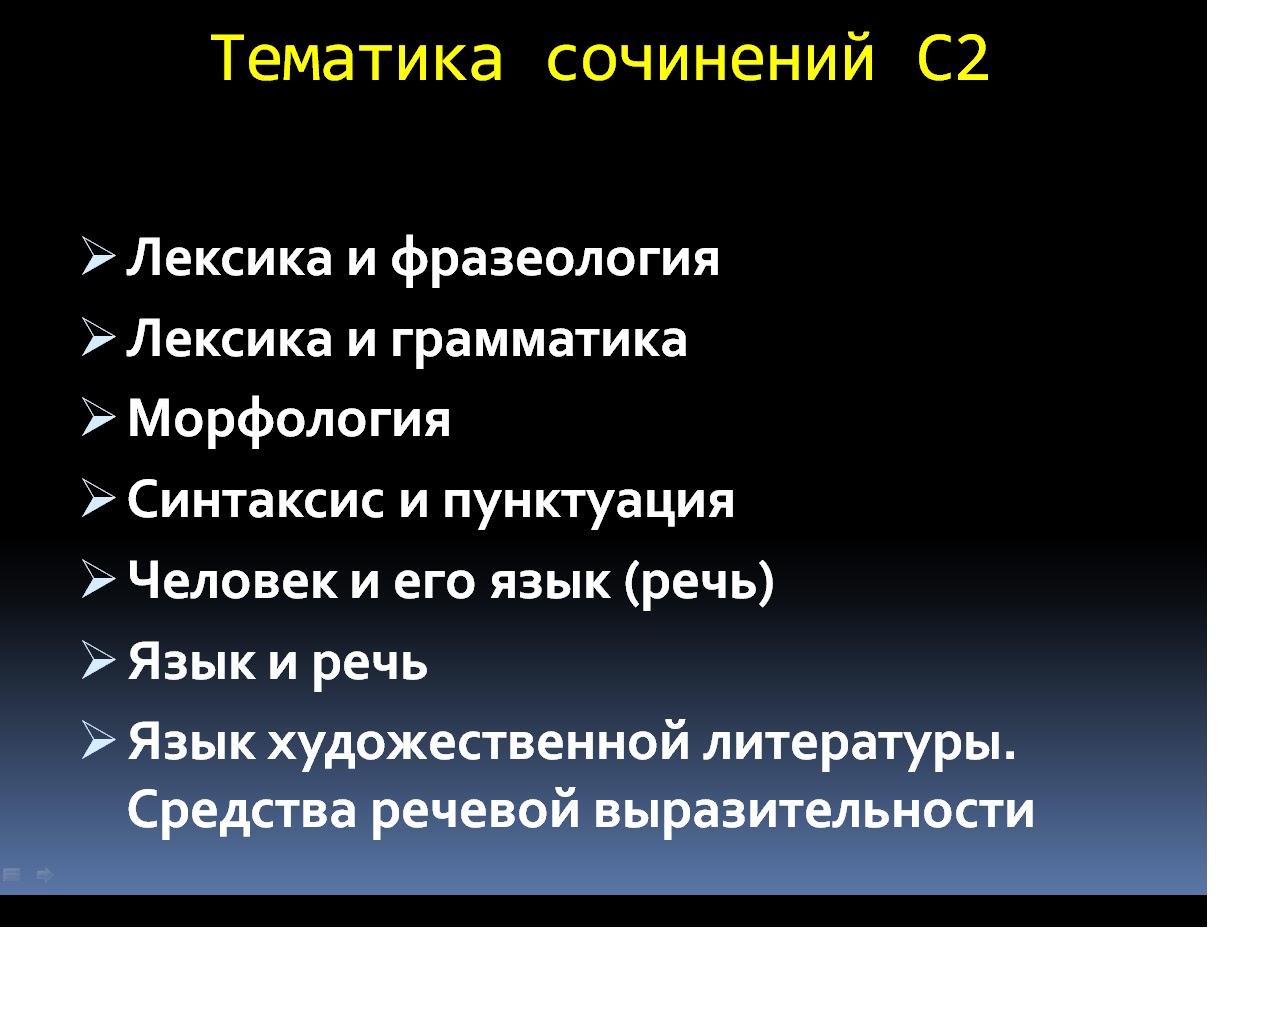 брошурка по русскому языку егэ 2012 сочинения рассуждения